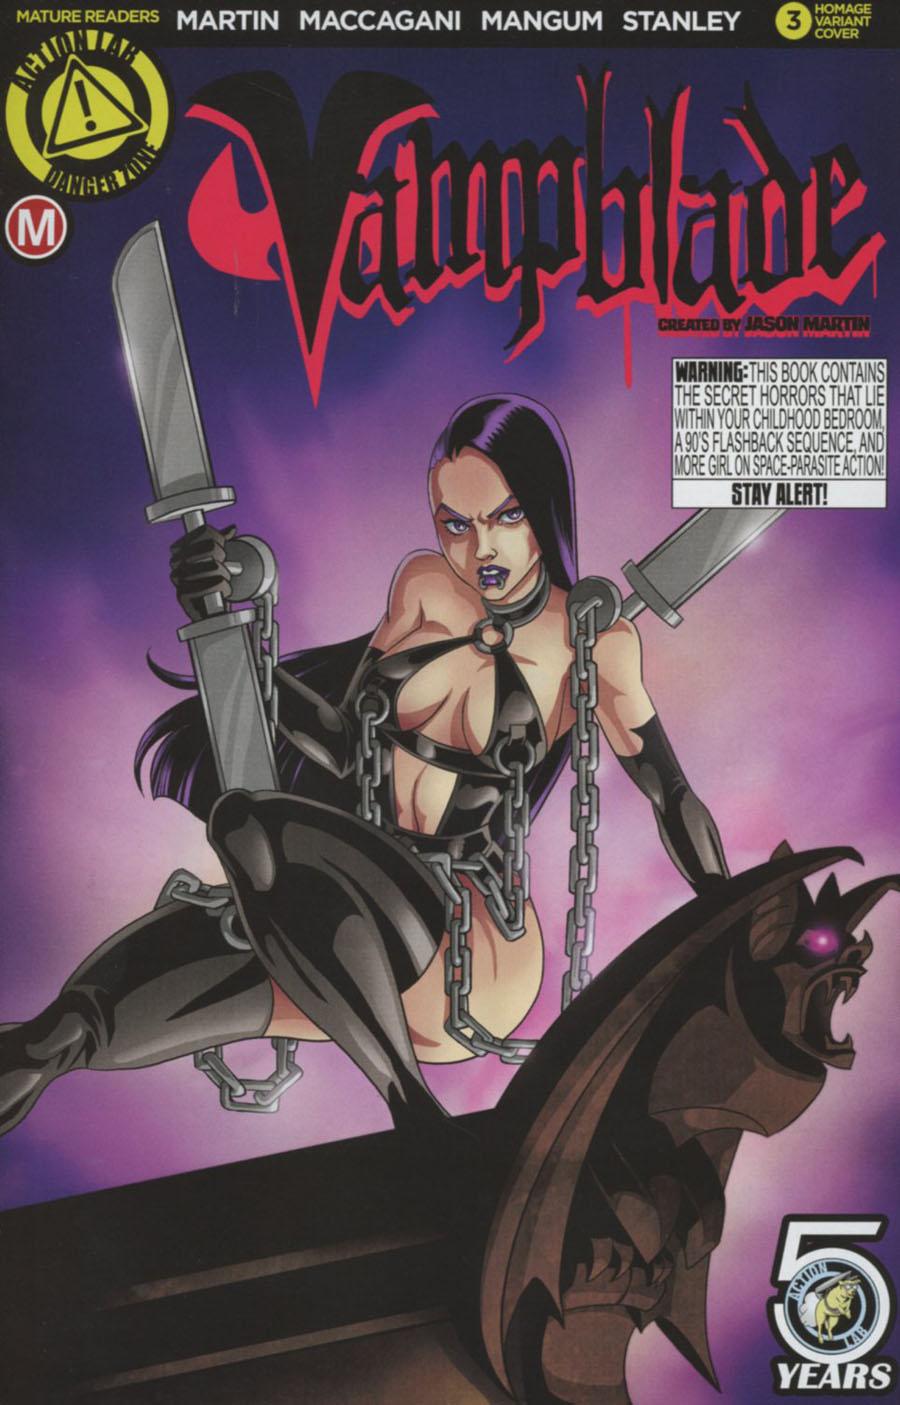 Vampblade #3 Cover E Variant Edward Pun Homage Cover